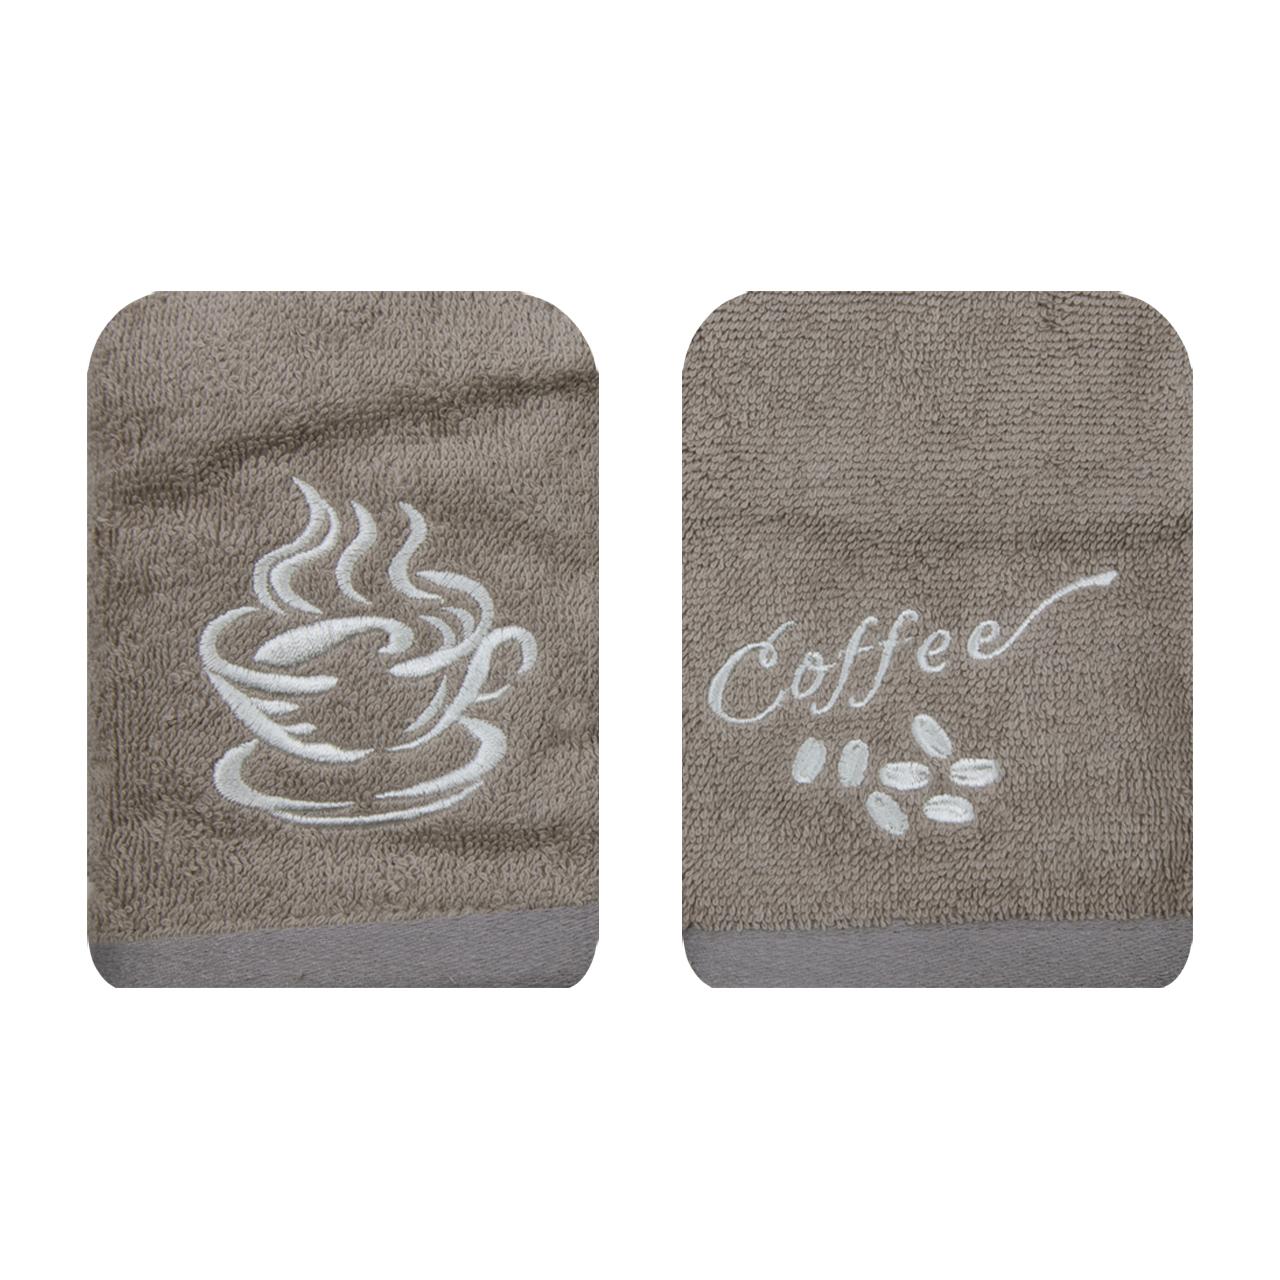 حوله دستی طرح Coffee سایز 50*50 بسته 2 عددی